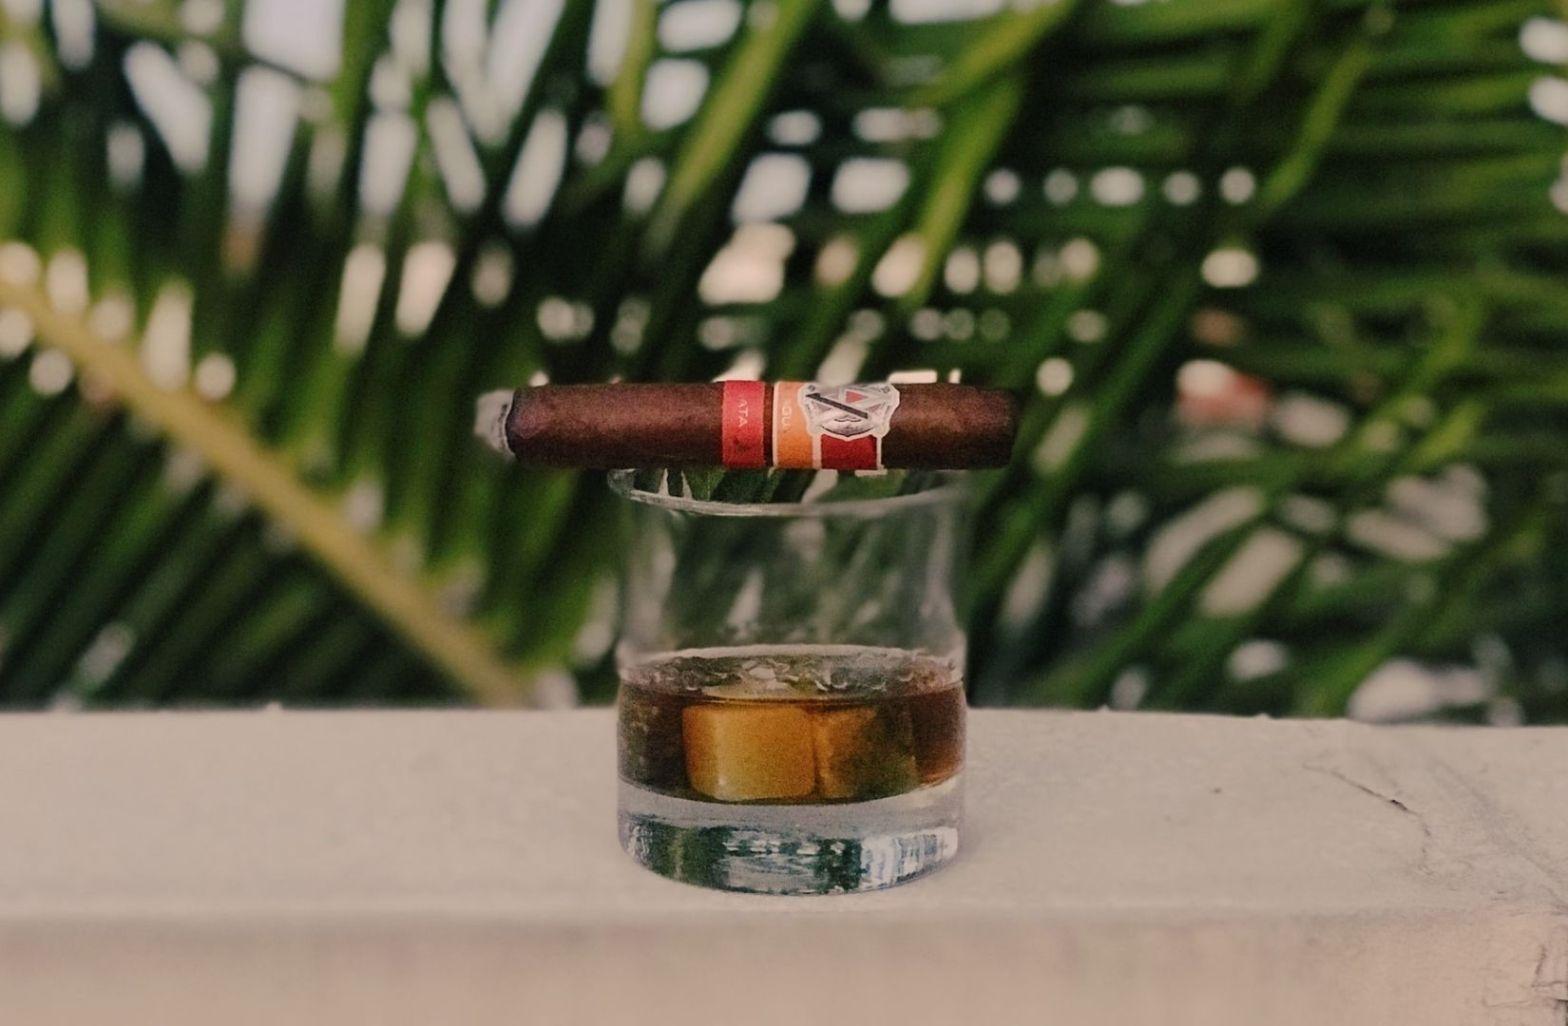 Menschenrechte sind nicht im Kapitalismus möglich. Rum und Zigarre als Symbole der Revolution. (Symbolfoto: Matthias Jordan, Unsplash.com)